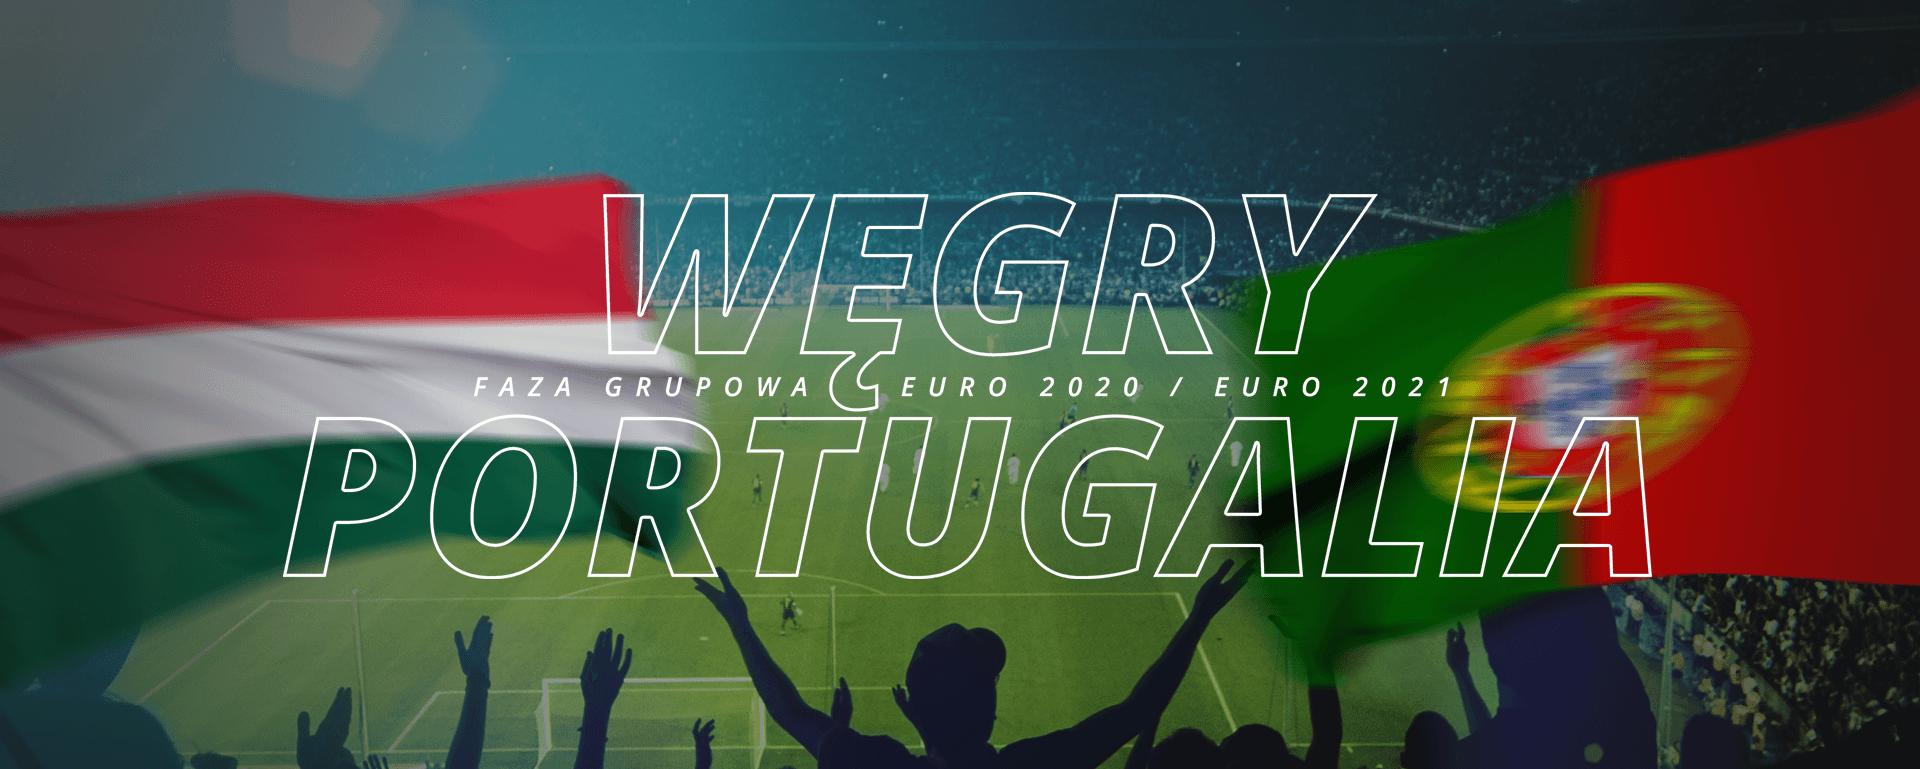 Węgry – Portugalia | faza grupowa Euro 2020 / Euro 2021